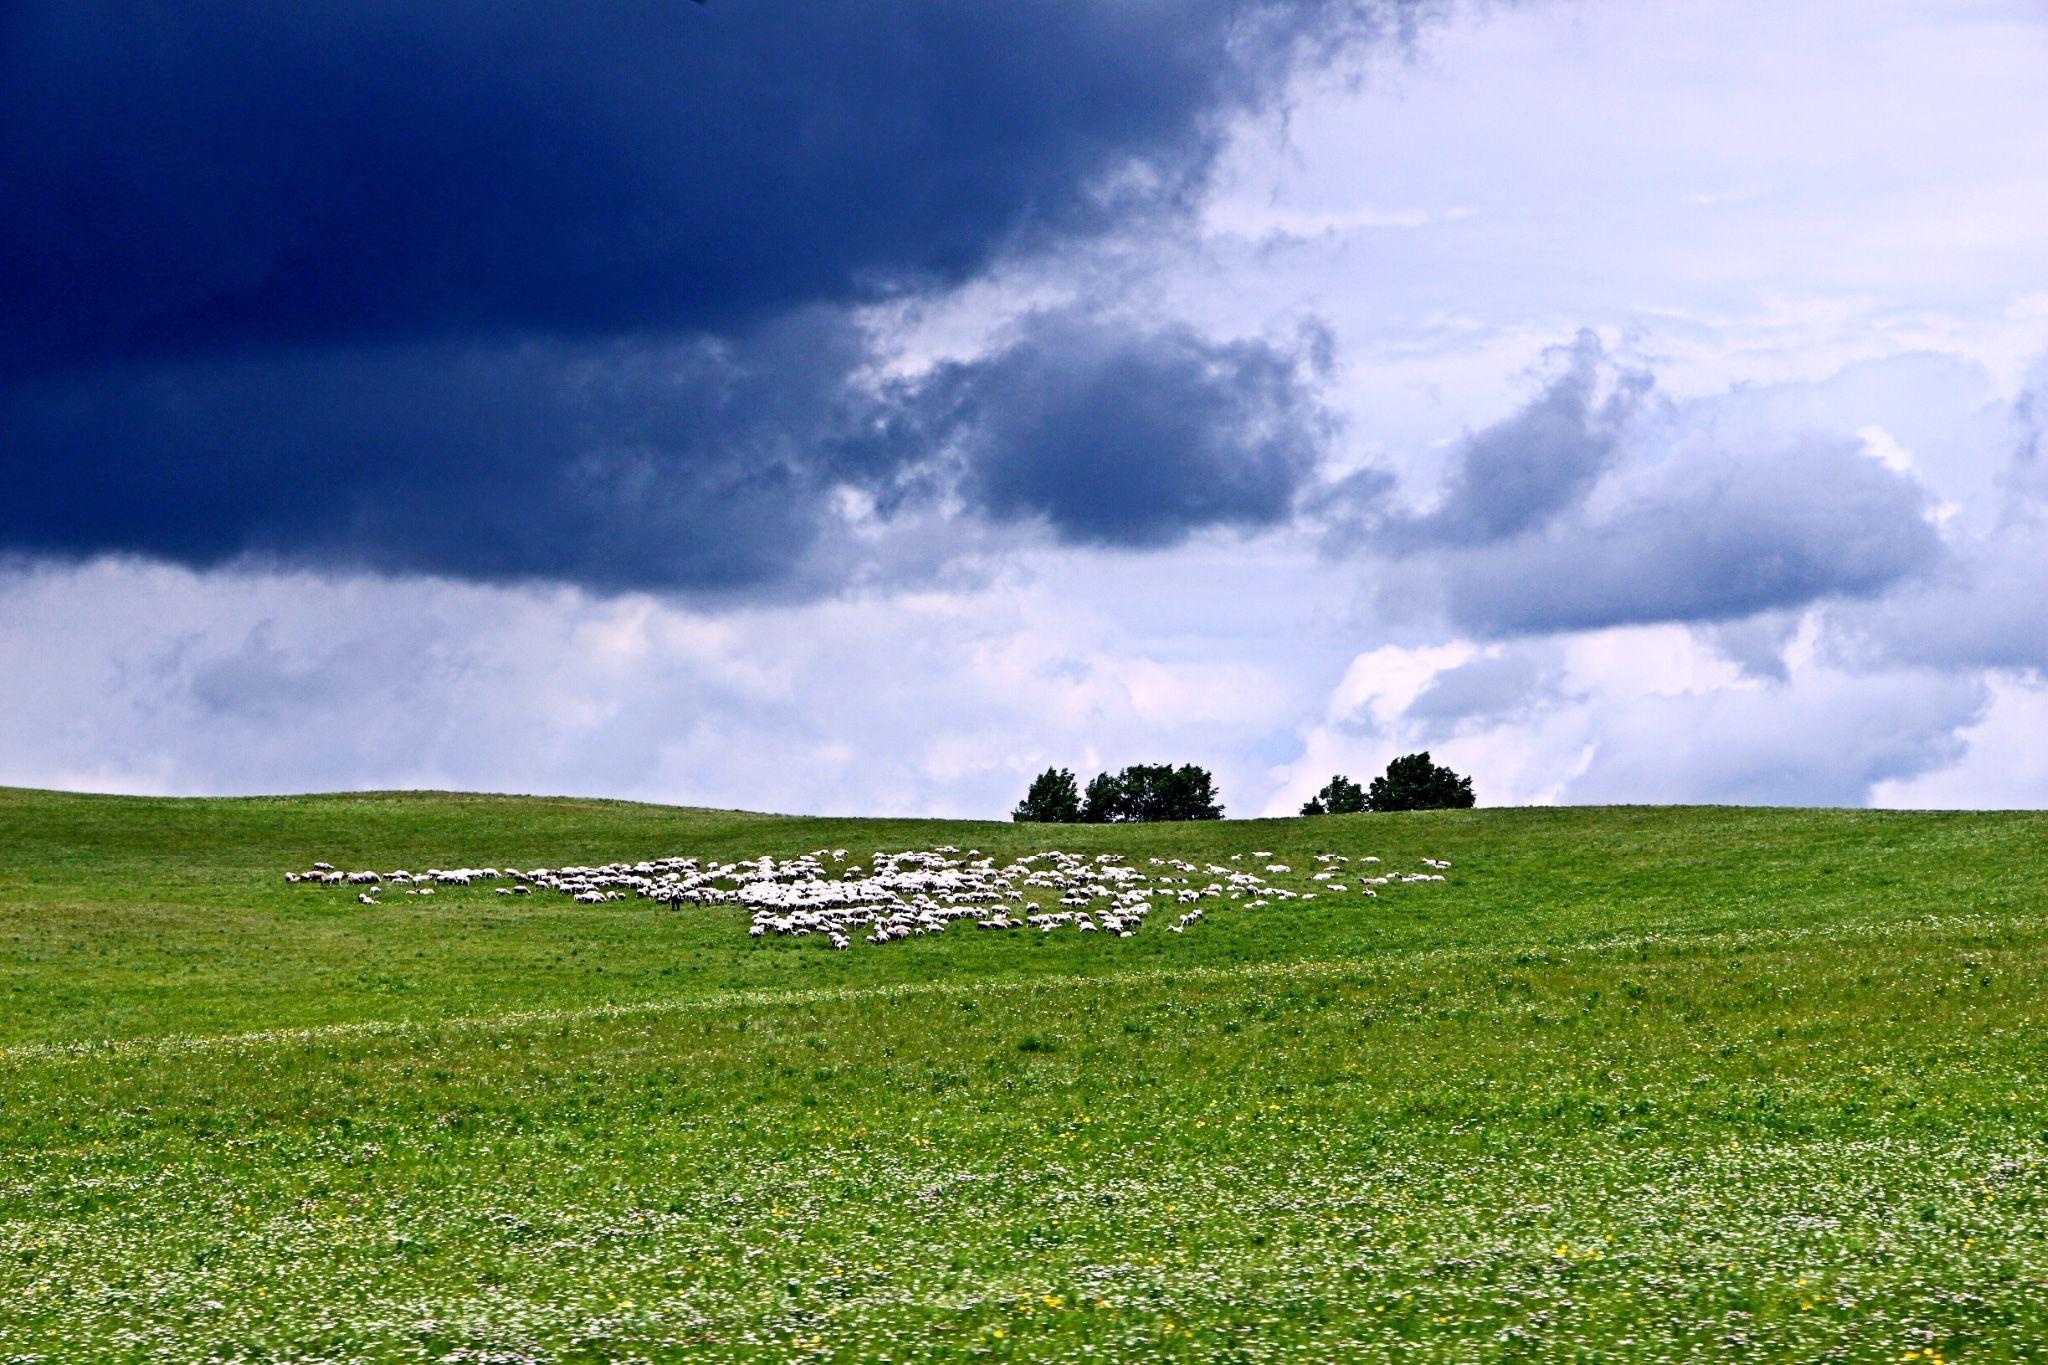 木兰围场+乌兰布统:我就在这里,等风也等你